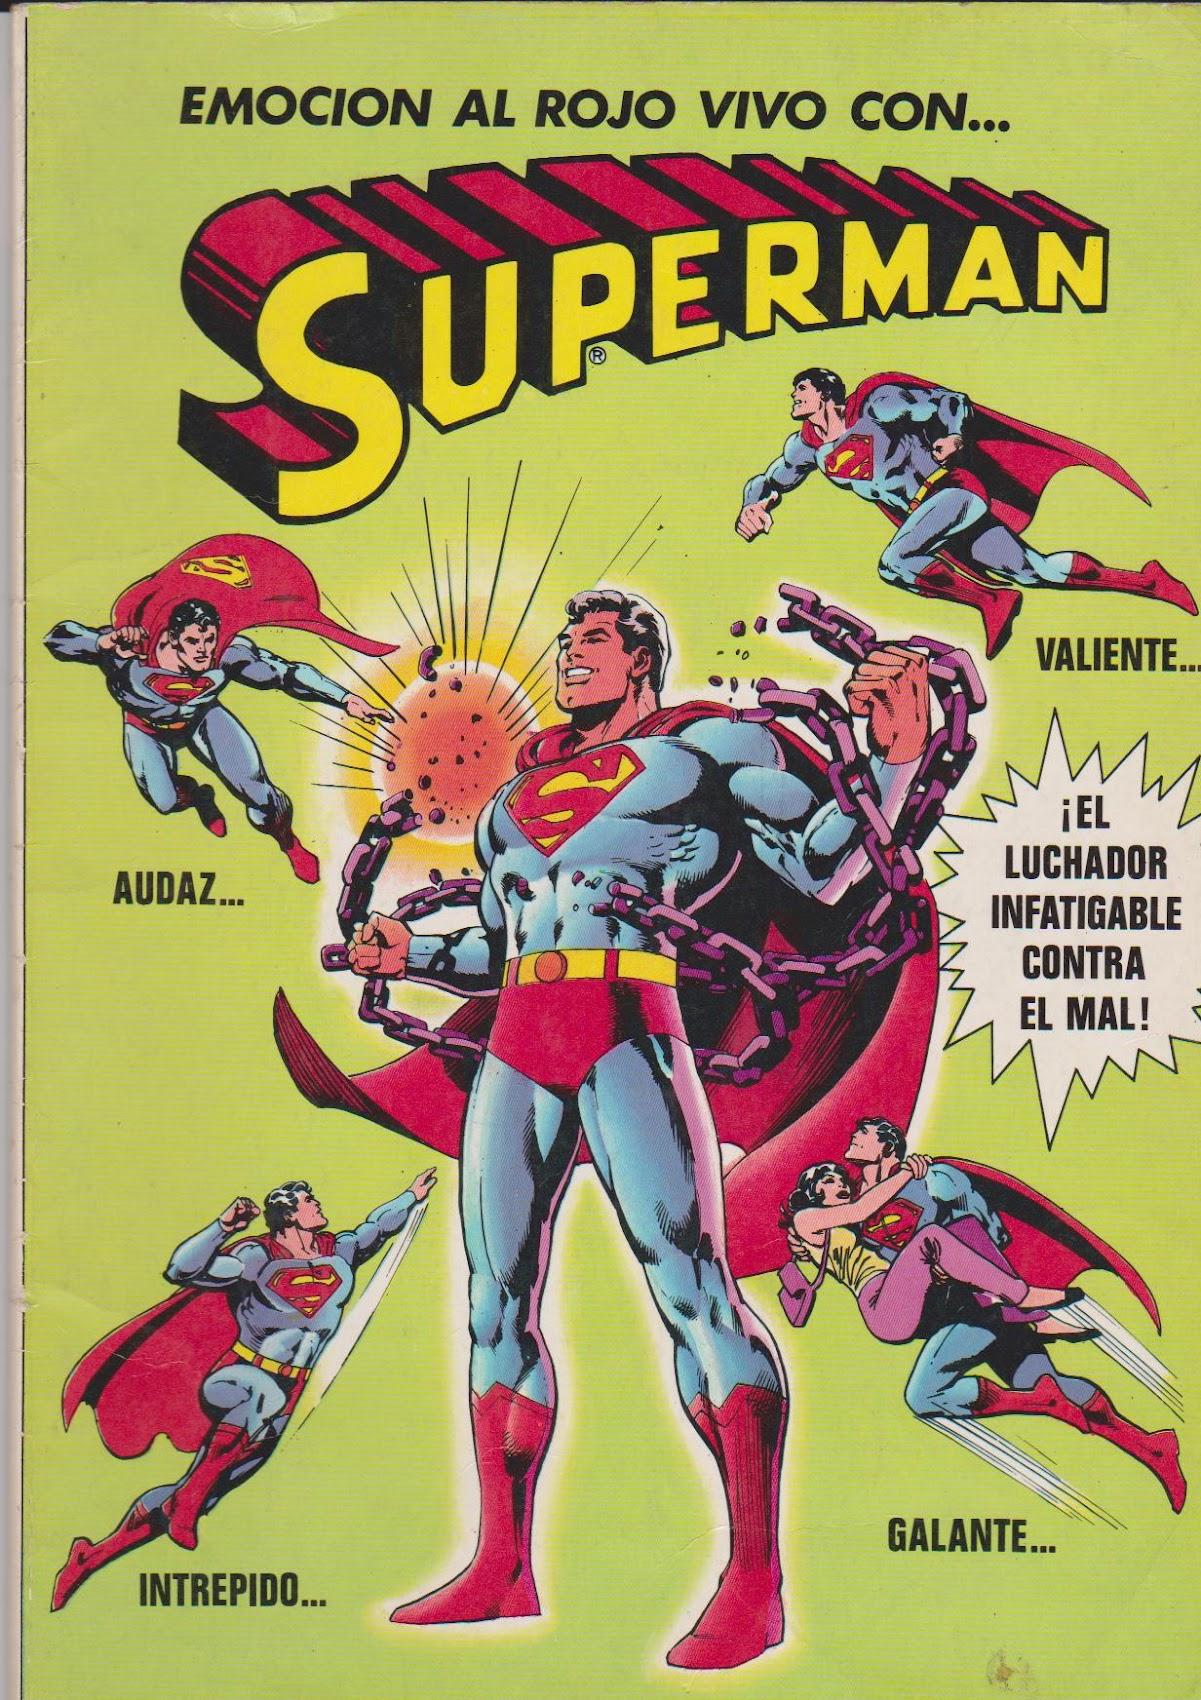 https://lh3.googleusercontent.com/-7dFlL2RbZfo/TXJTlKA0qDI/AAAAAAAAWwo/mi9E3jjNMsQ/s1700/superman+001.jpg